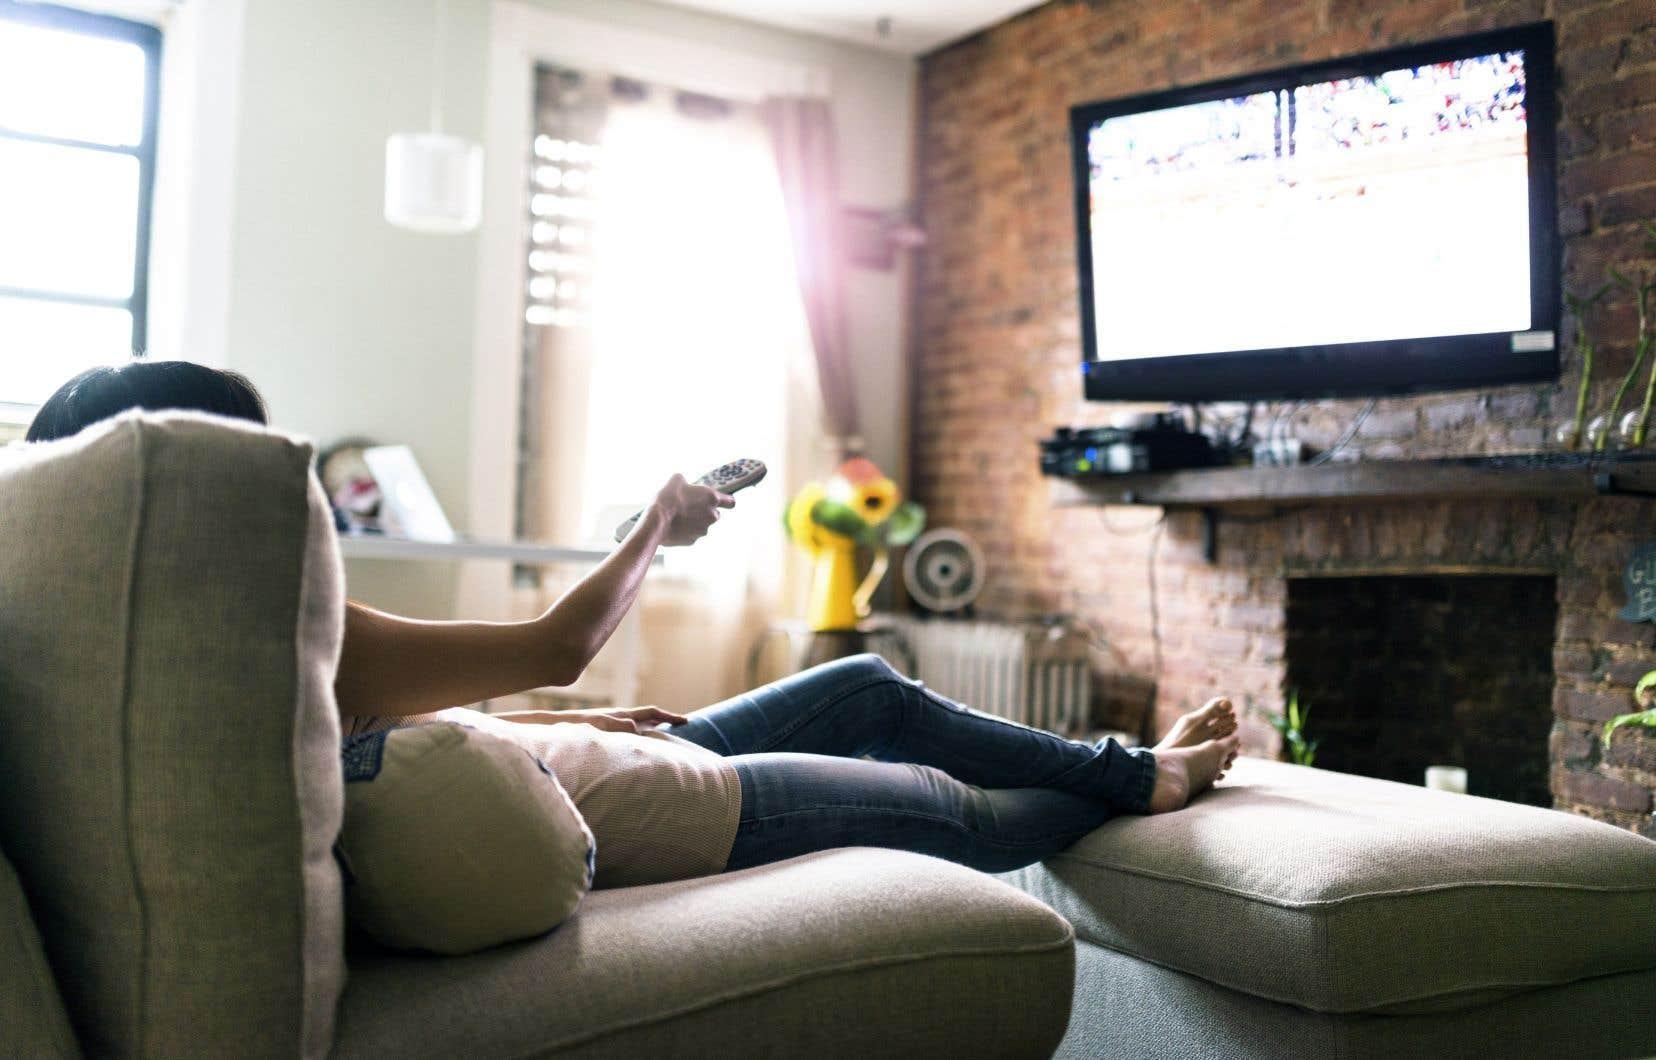 Des plateformes telles que Tubi, Roku, Pluto ou Rakuten vont dans le sens contraire des plateformes avec abonnement payant comme Netflix, HBO Max.